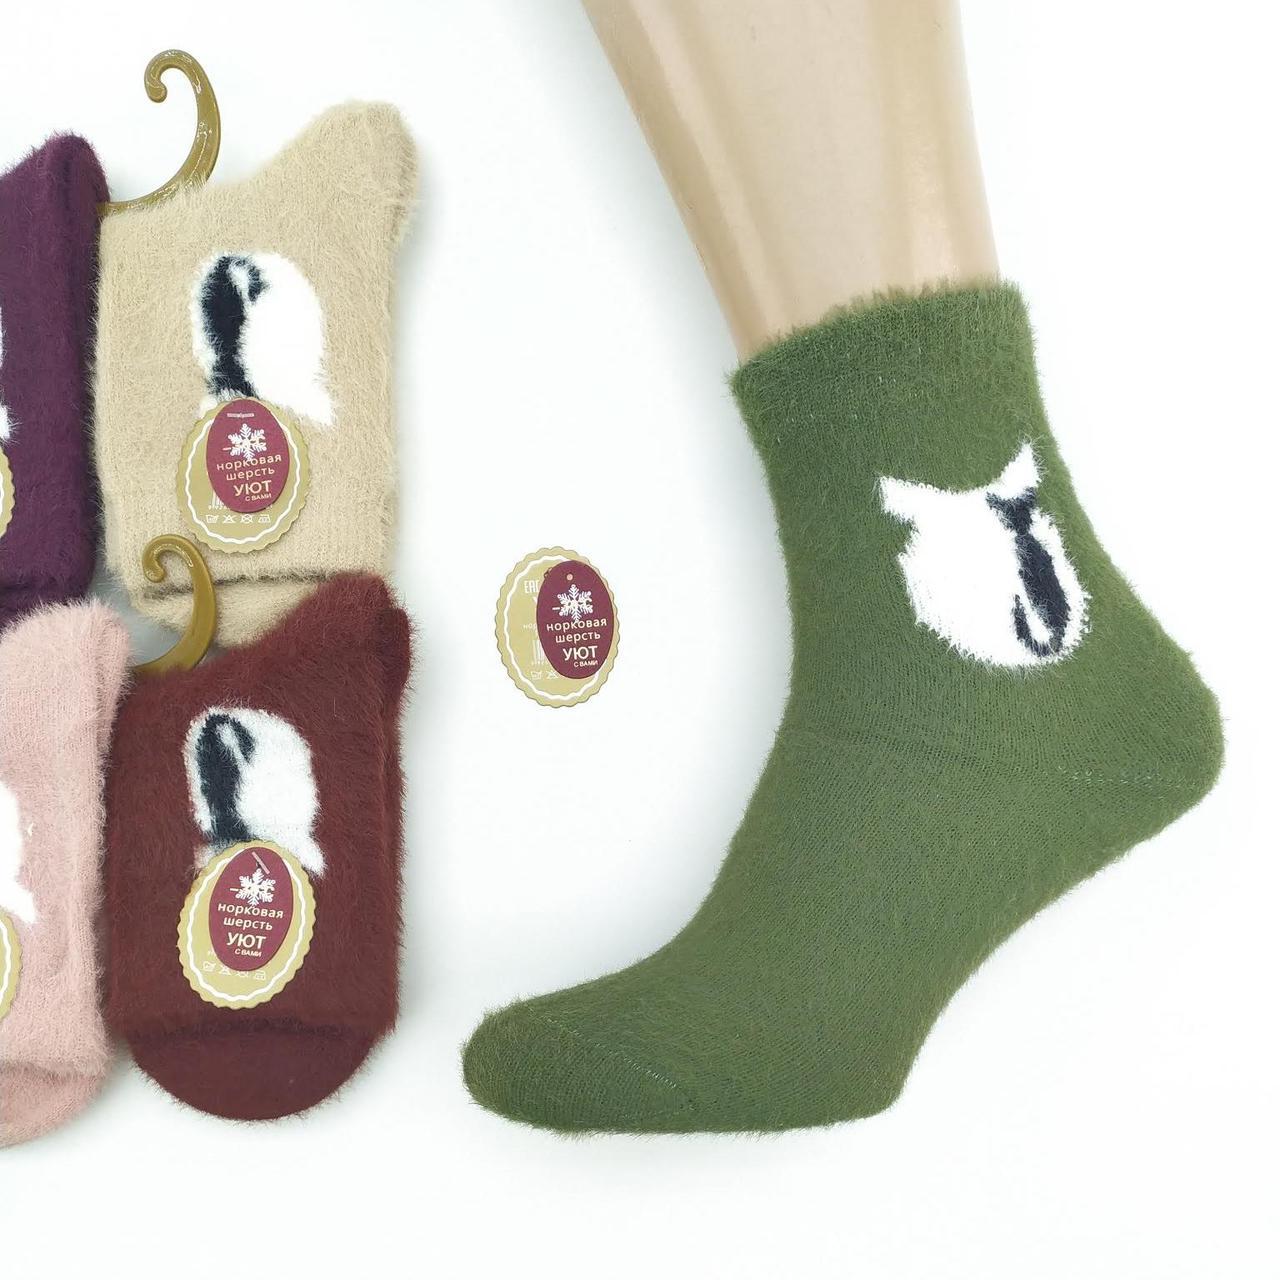 Носки женские норковая шерсть без махры УЮТ 20-22-3 36-41р ассорти 20037604